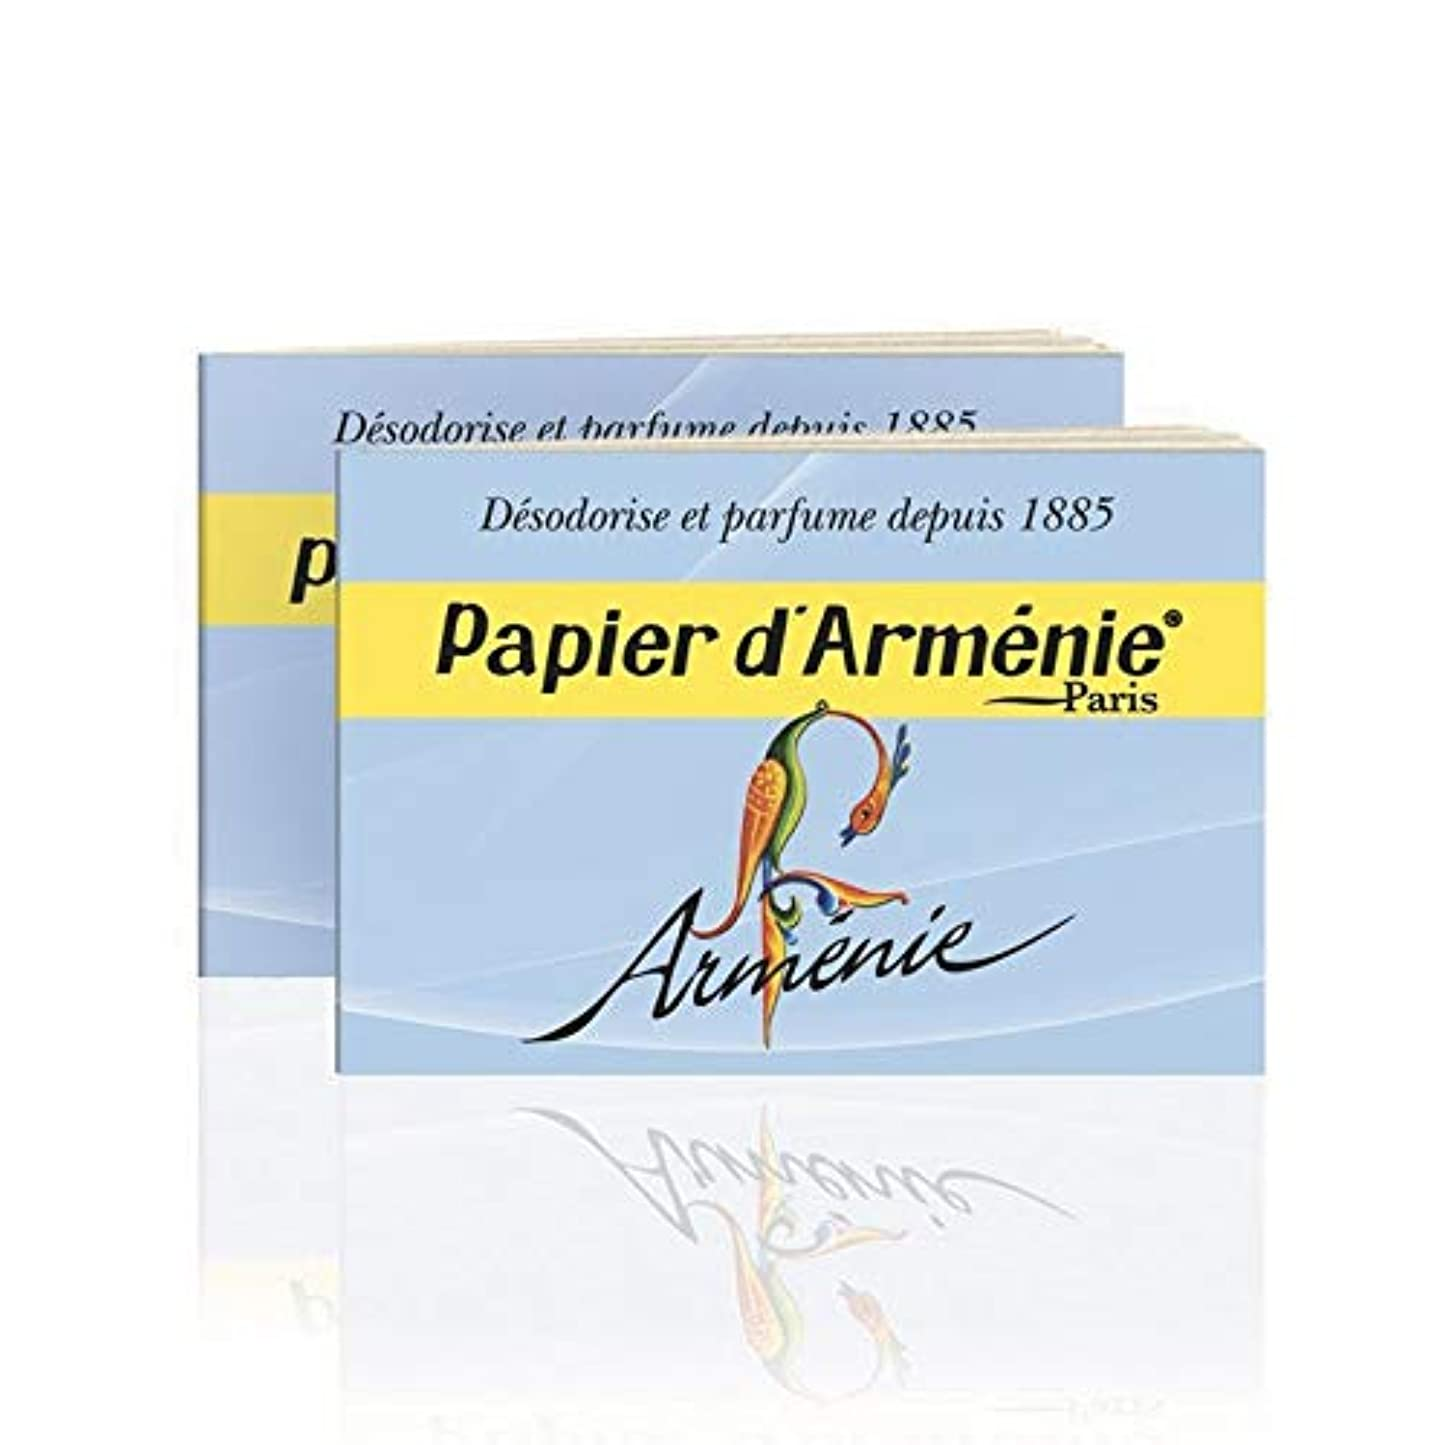 防衛必要挑発するPapier d'Arménie パピエダルメニイ アルメニイ 紙のお香 フランス直送 2個